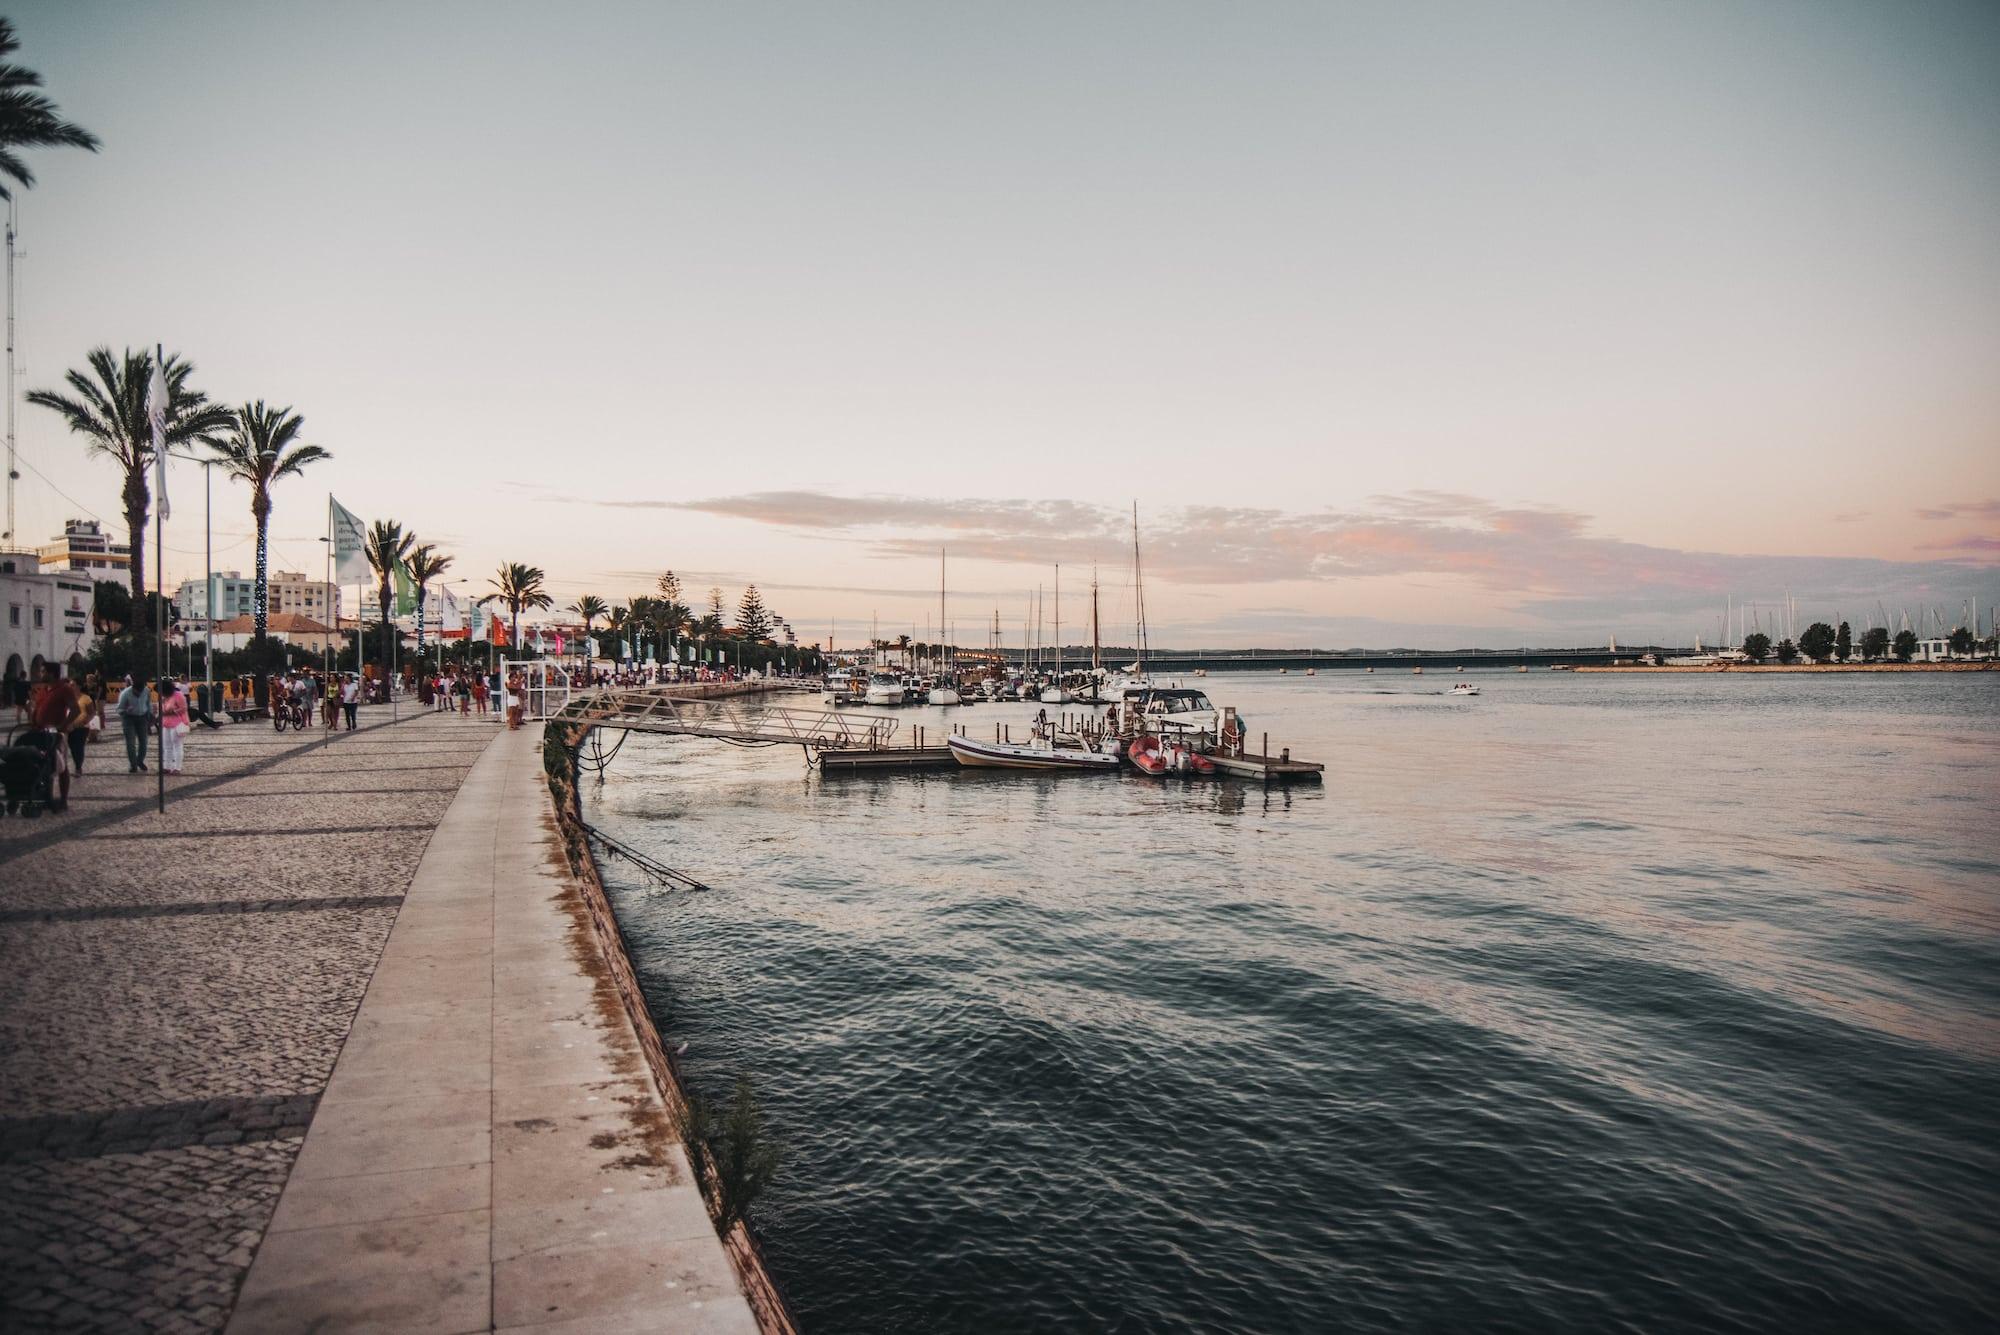 lagos marina promenade